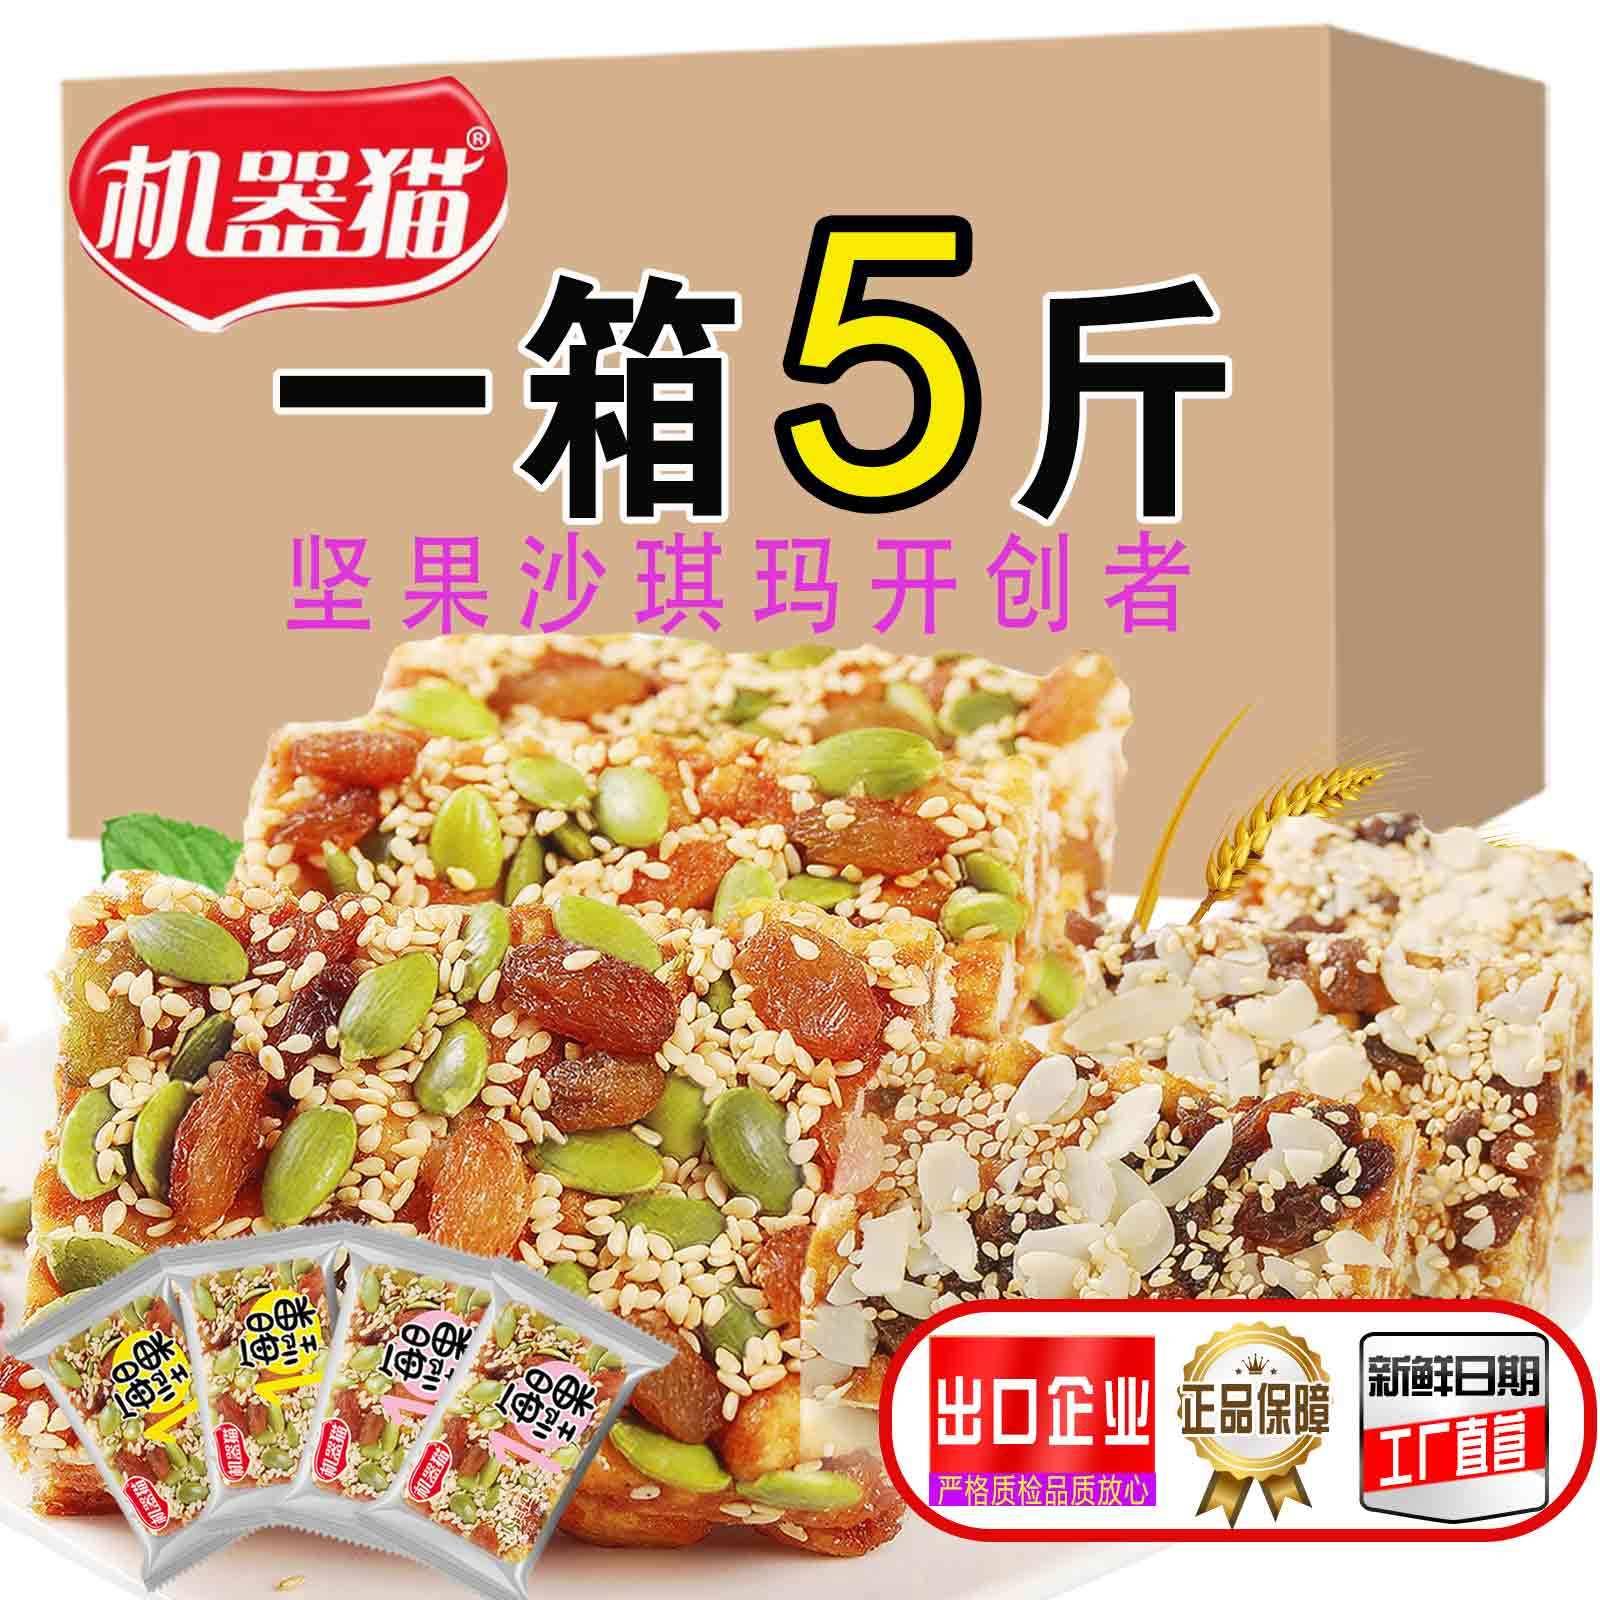 【机器猫】坚果黑糖沙琪玛整箱沙琪玛批发办公室零食糕点200g-5斤